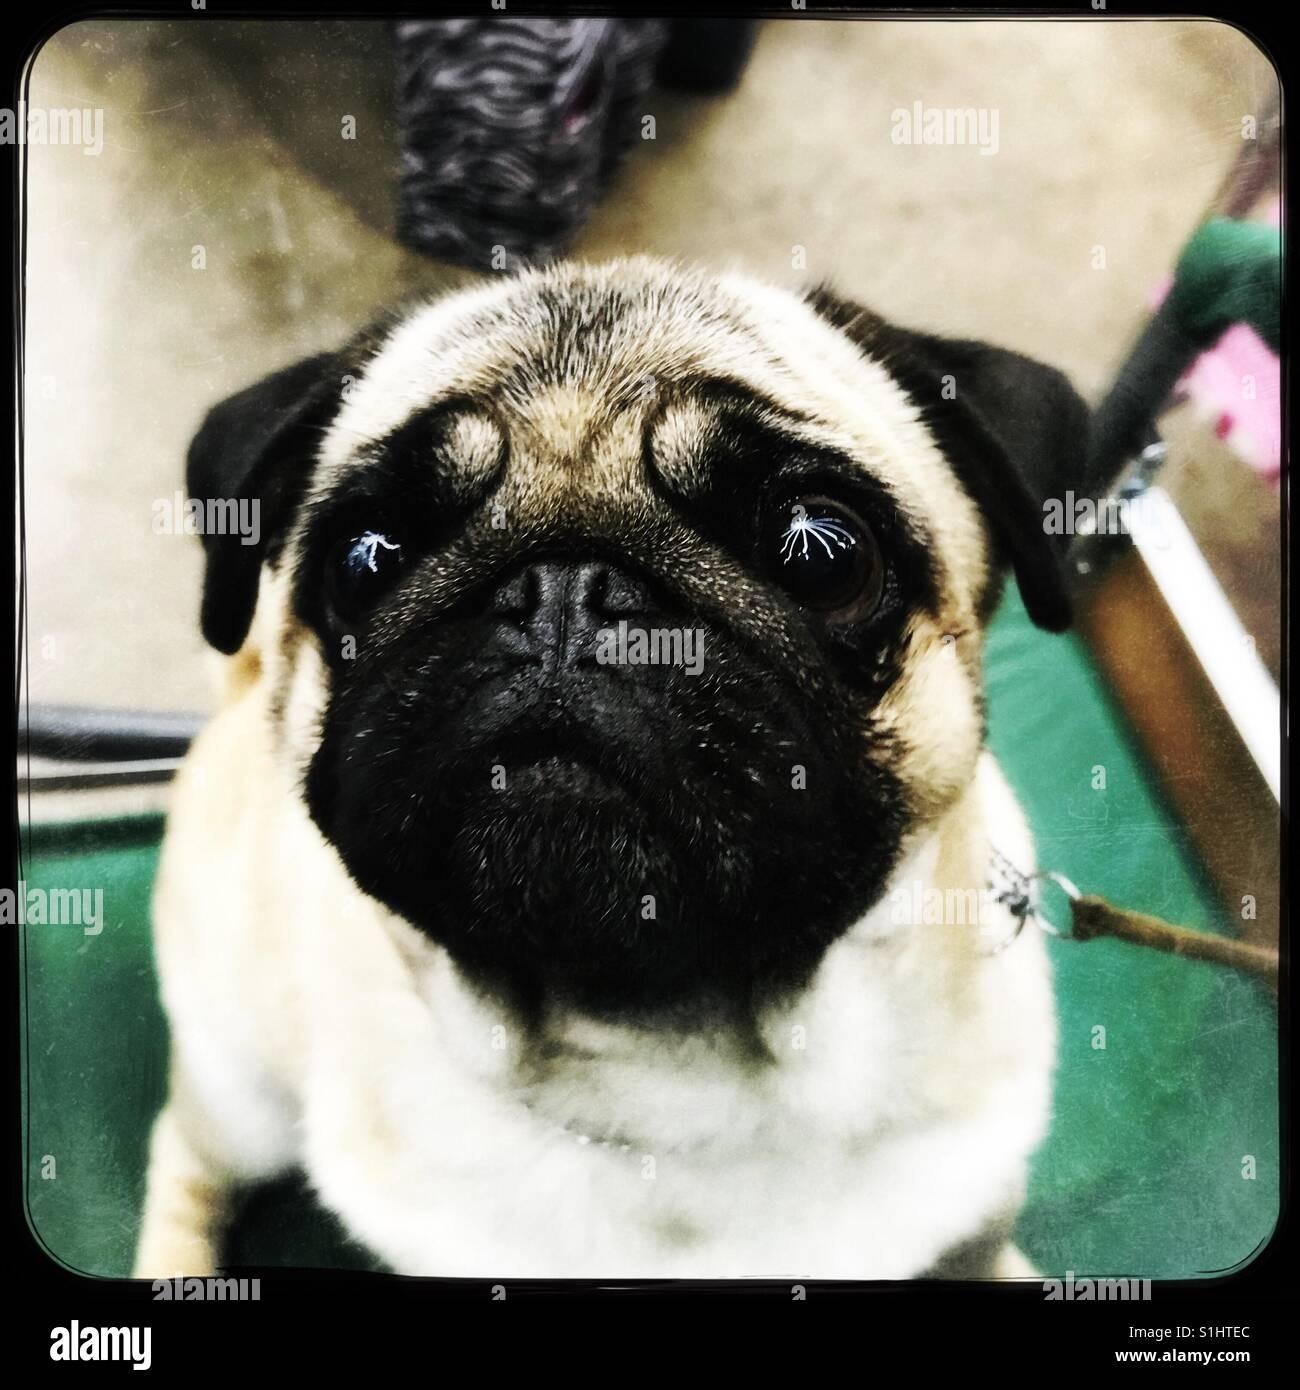 Starry eyed Pug - Stock Image